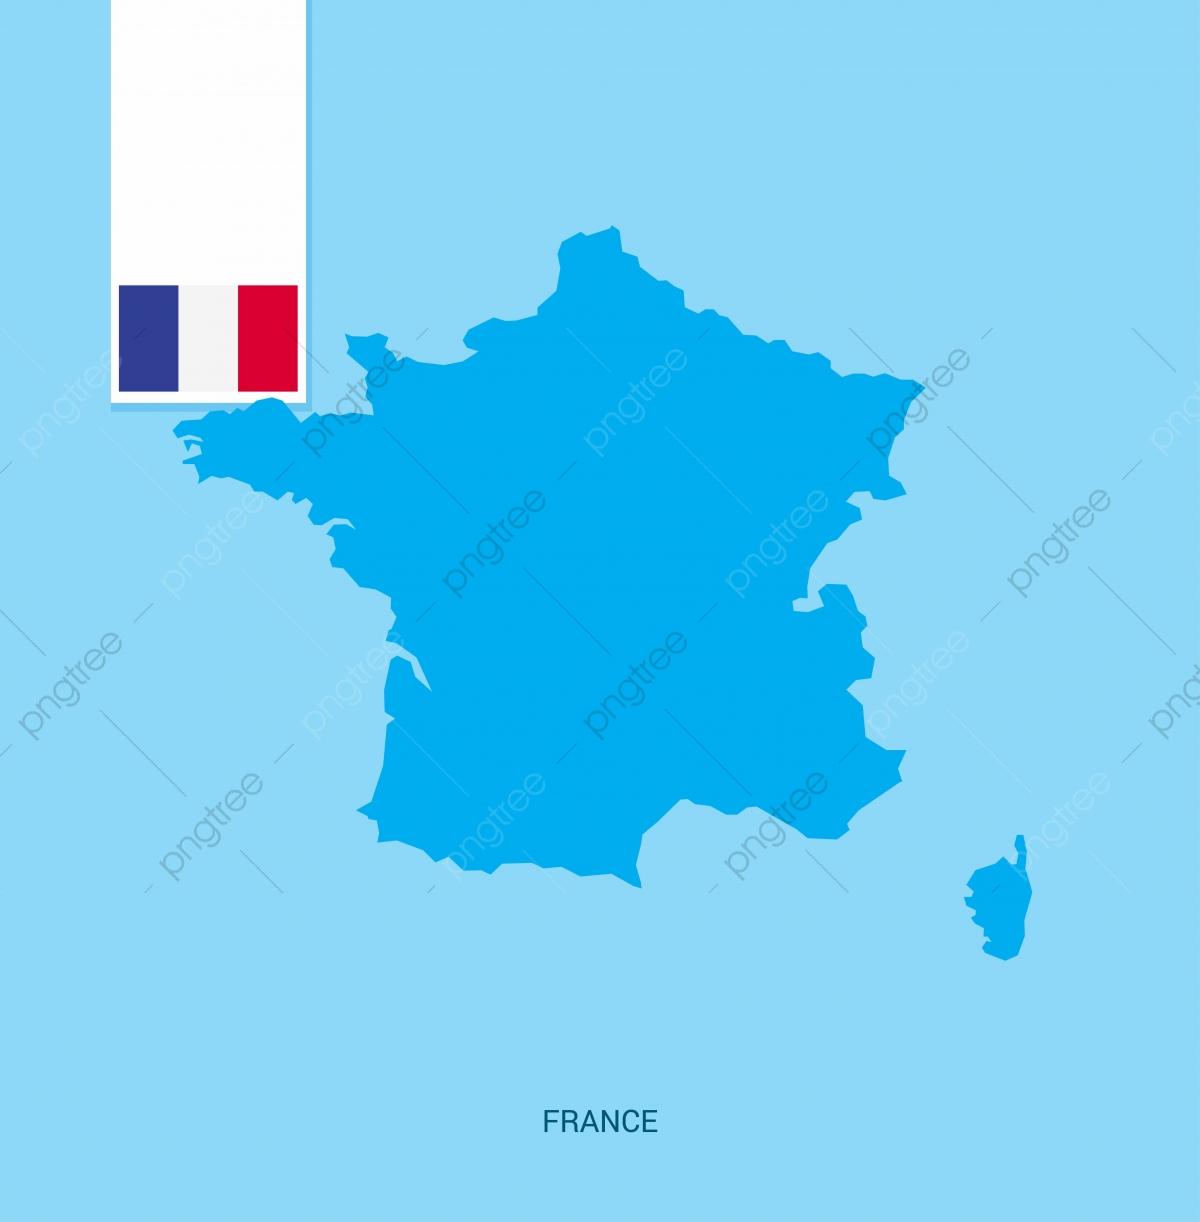 Lá cờ là biểu tượng của sự đấu tranh chống lại áp bức, bóc lột của nhân dân trên toàn thế giới